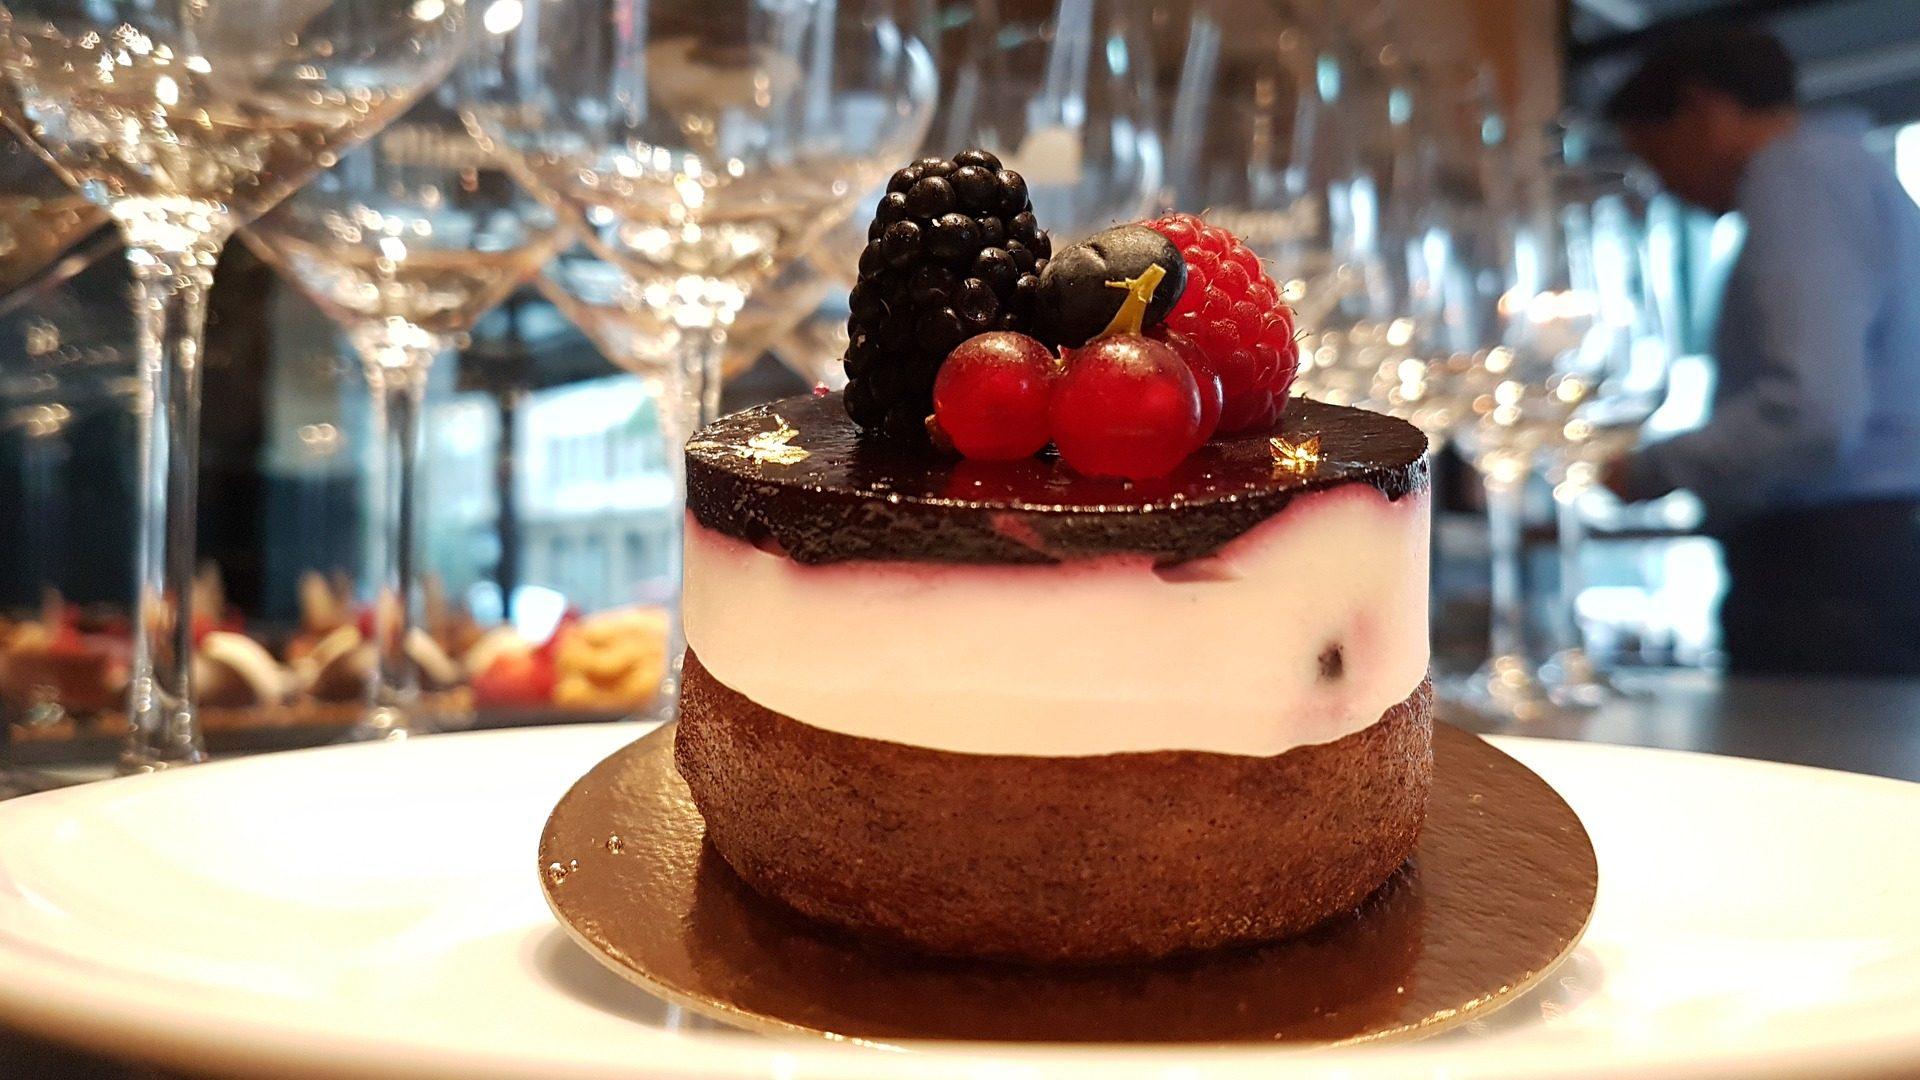 tarta, κέικ, Γλυκό, ζαχαροπλαστικής, επιδόρπιο, Βατόμουρα, μούρα - Wallpapers HD - Professor-falken.com